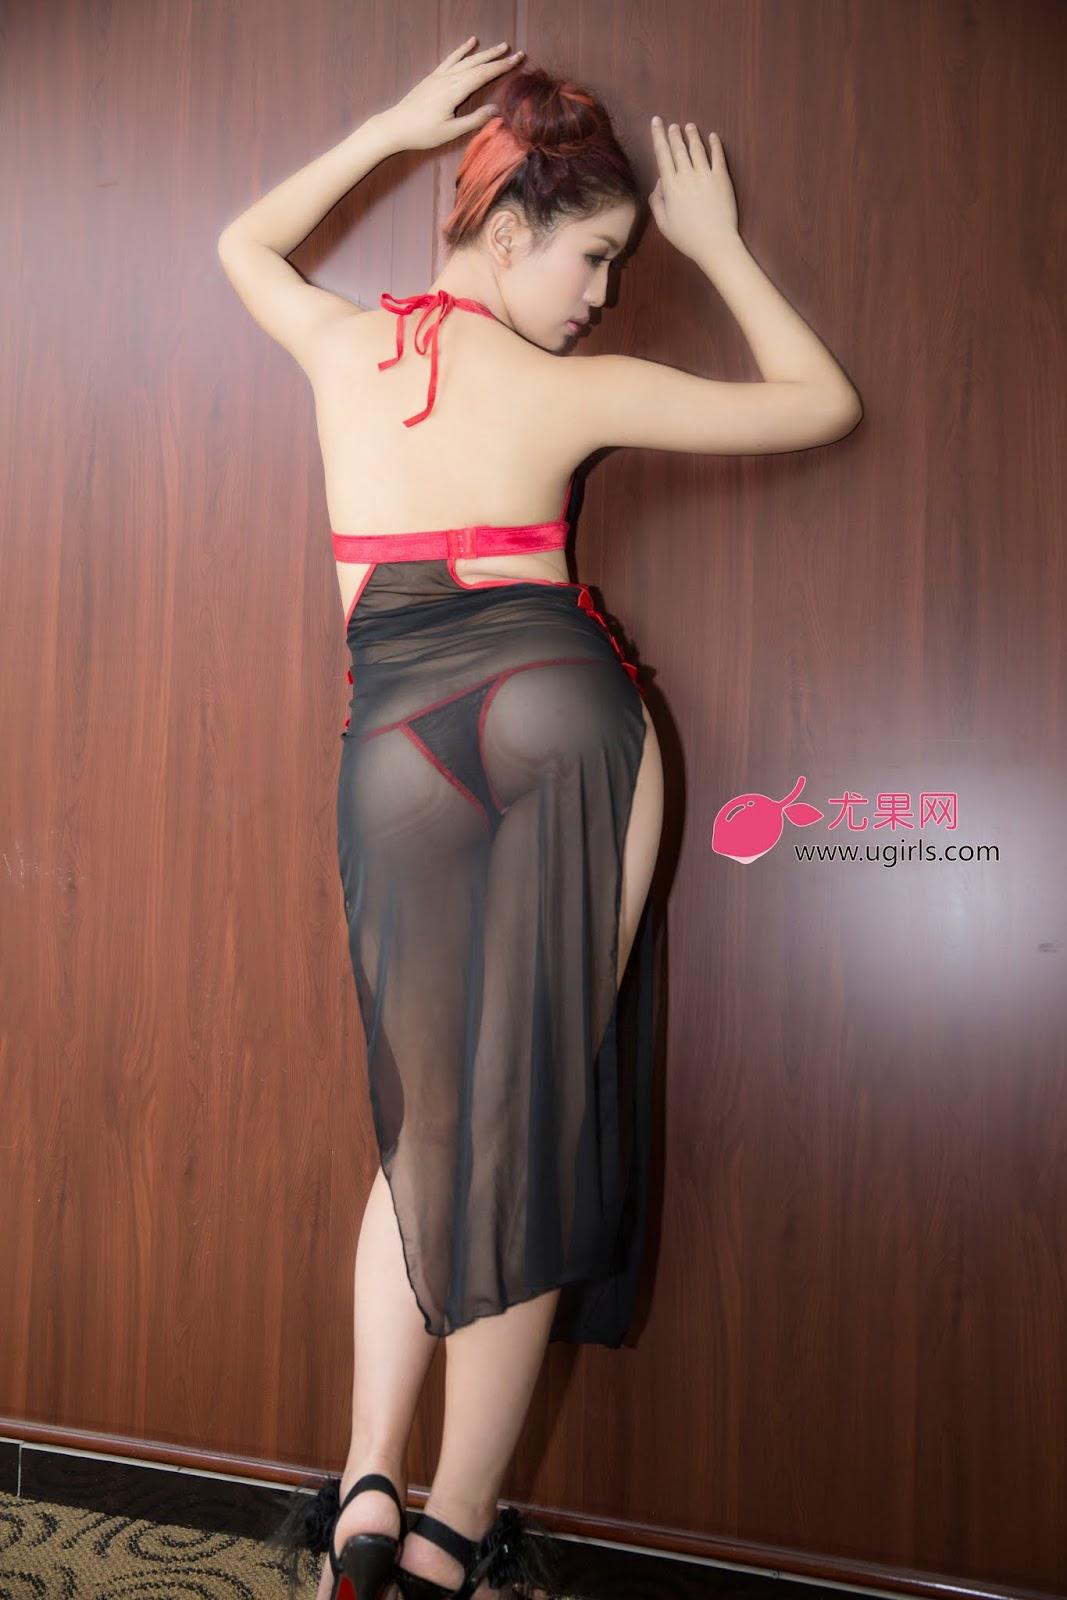 A14A5283 - Sexy Girl UGIRLS NO.7 Hot